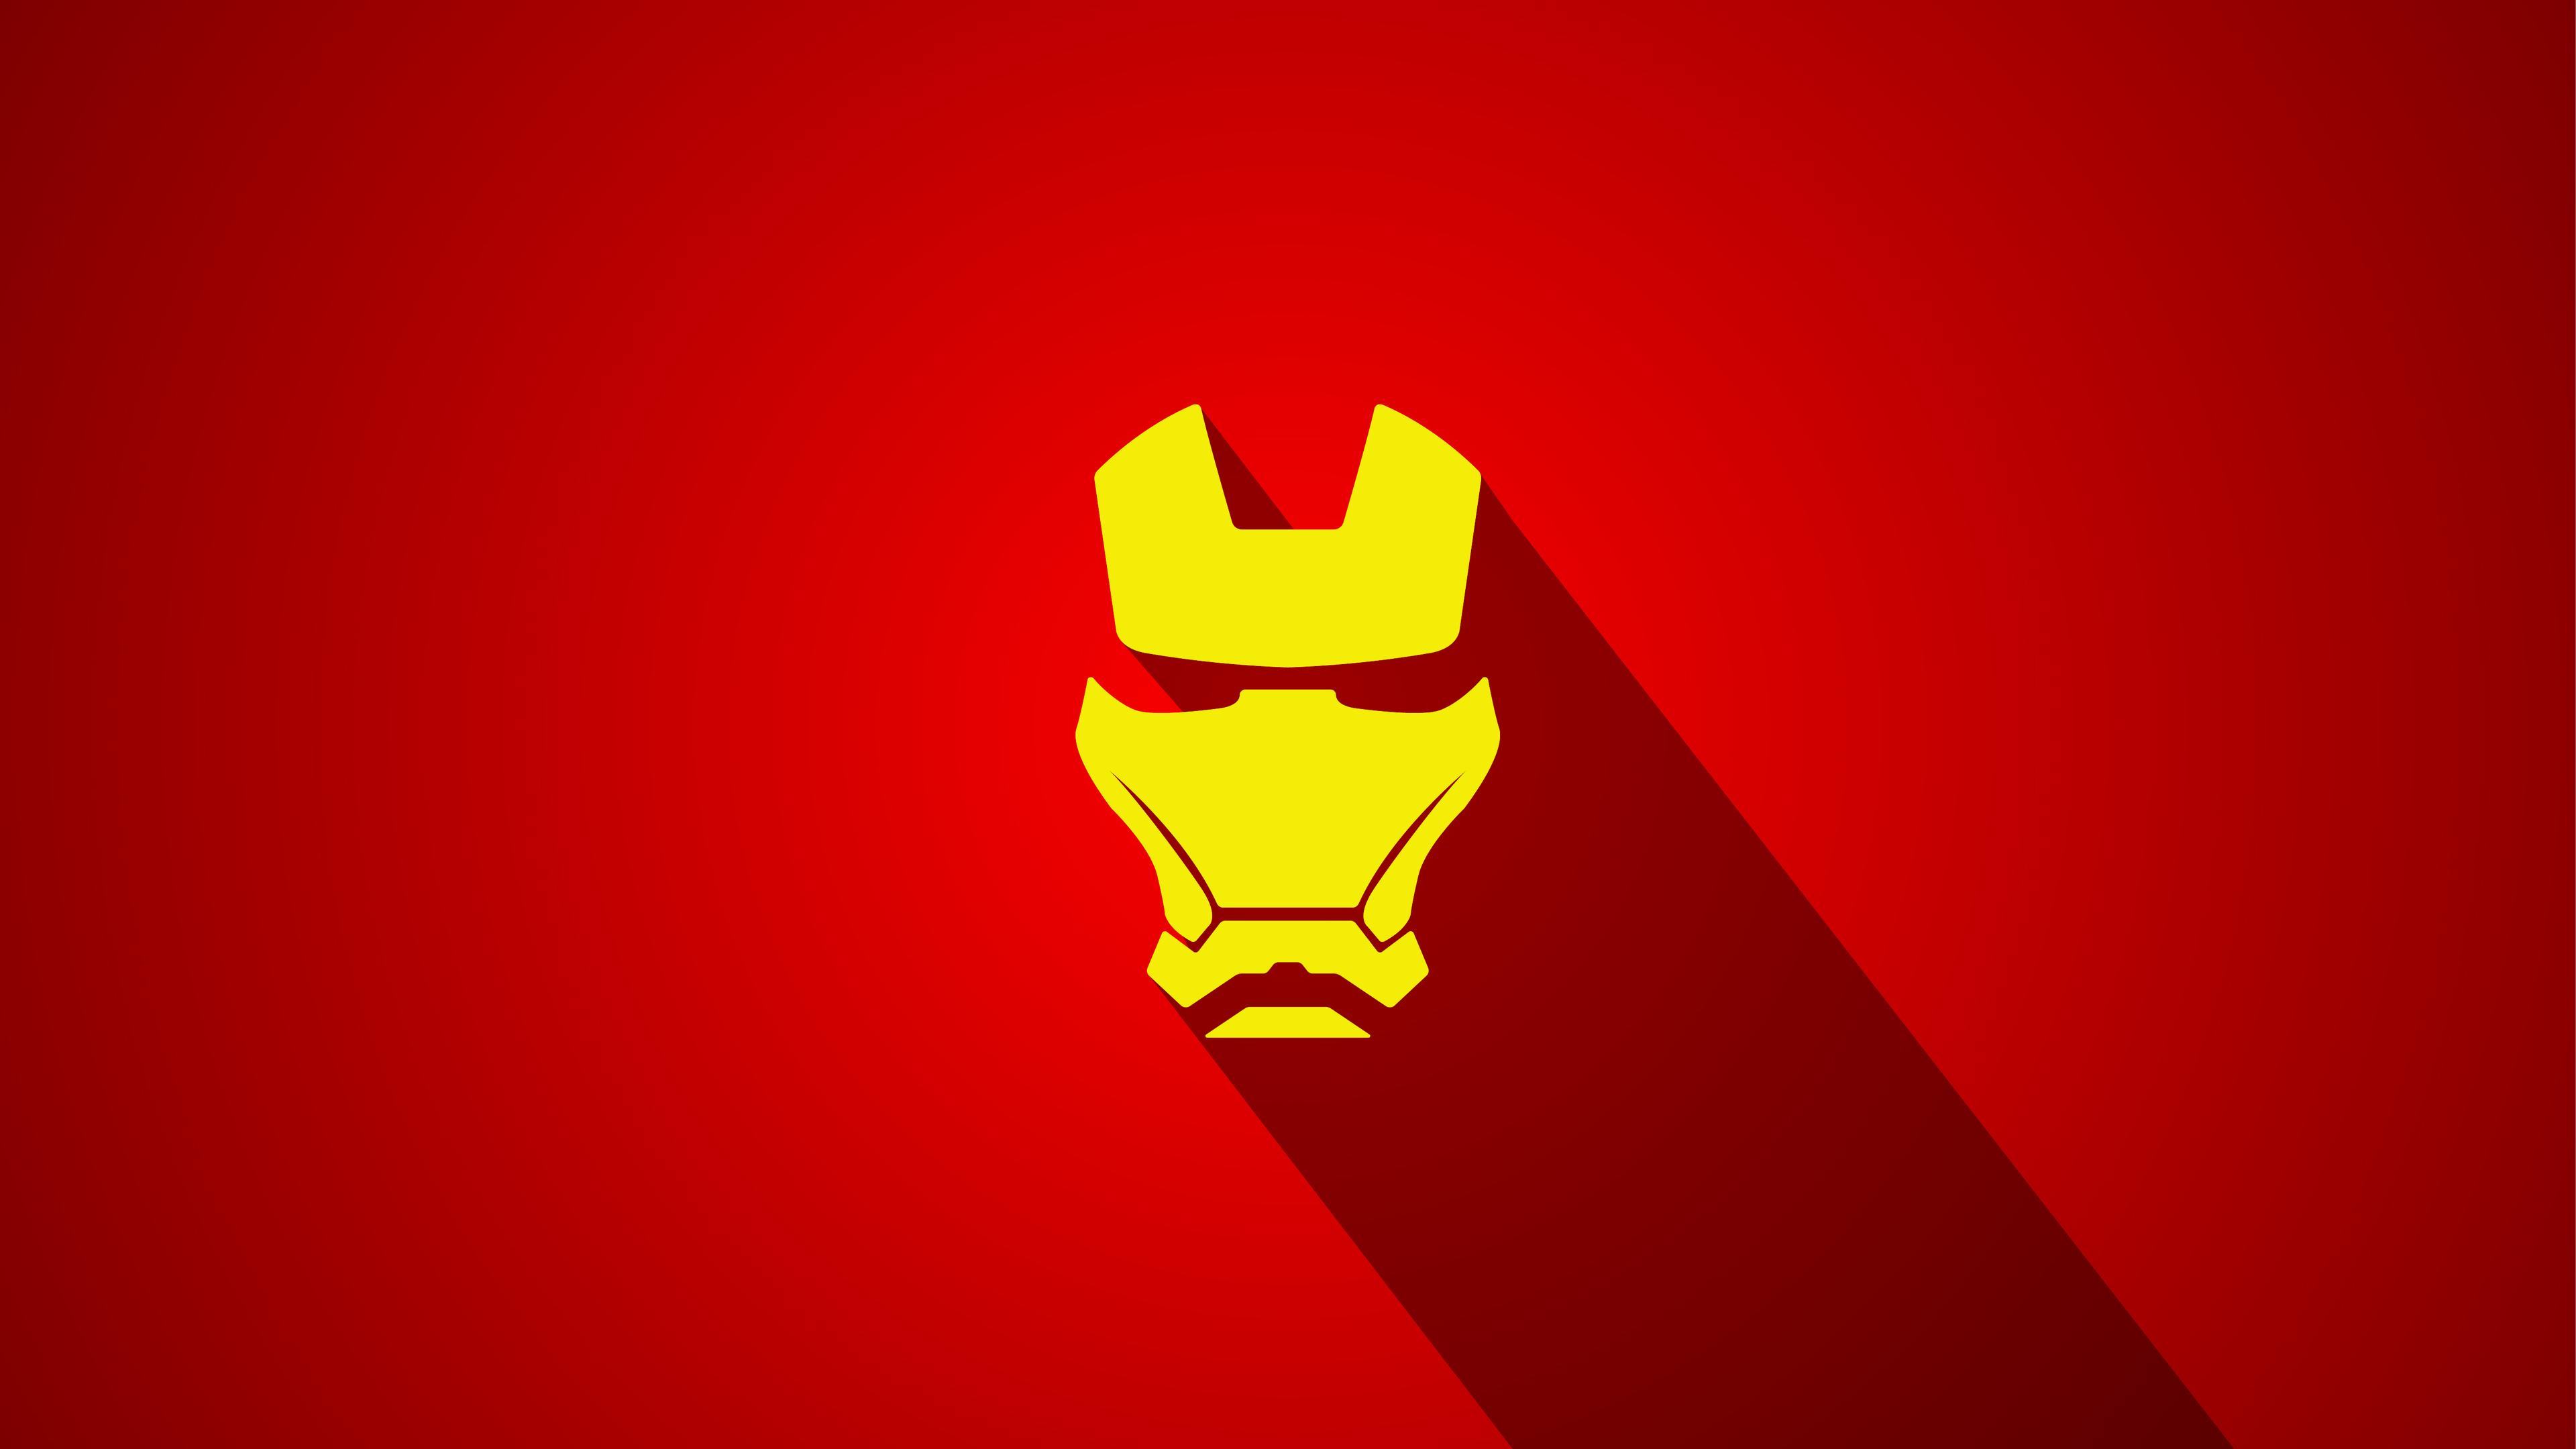 iron man minimal art 1570394703 - Iron Man Minimal Art - superheroes wallpapers, iron man wallpapers, hd-wallpapers, digital art wallpapers, artwork wallpapers, artist wallpapers, 5k wallpapers, 4k-wallpapers